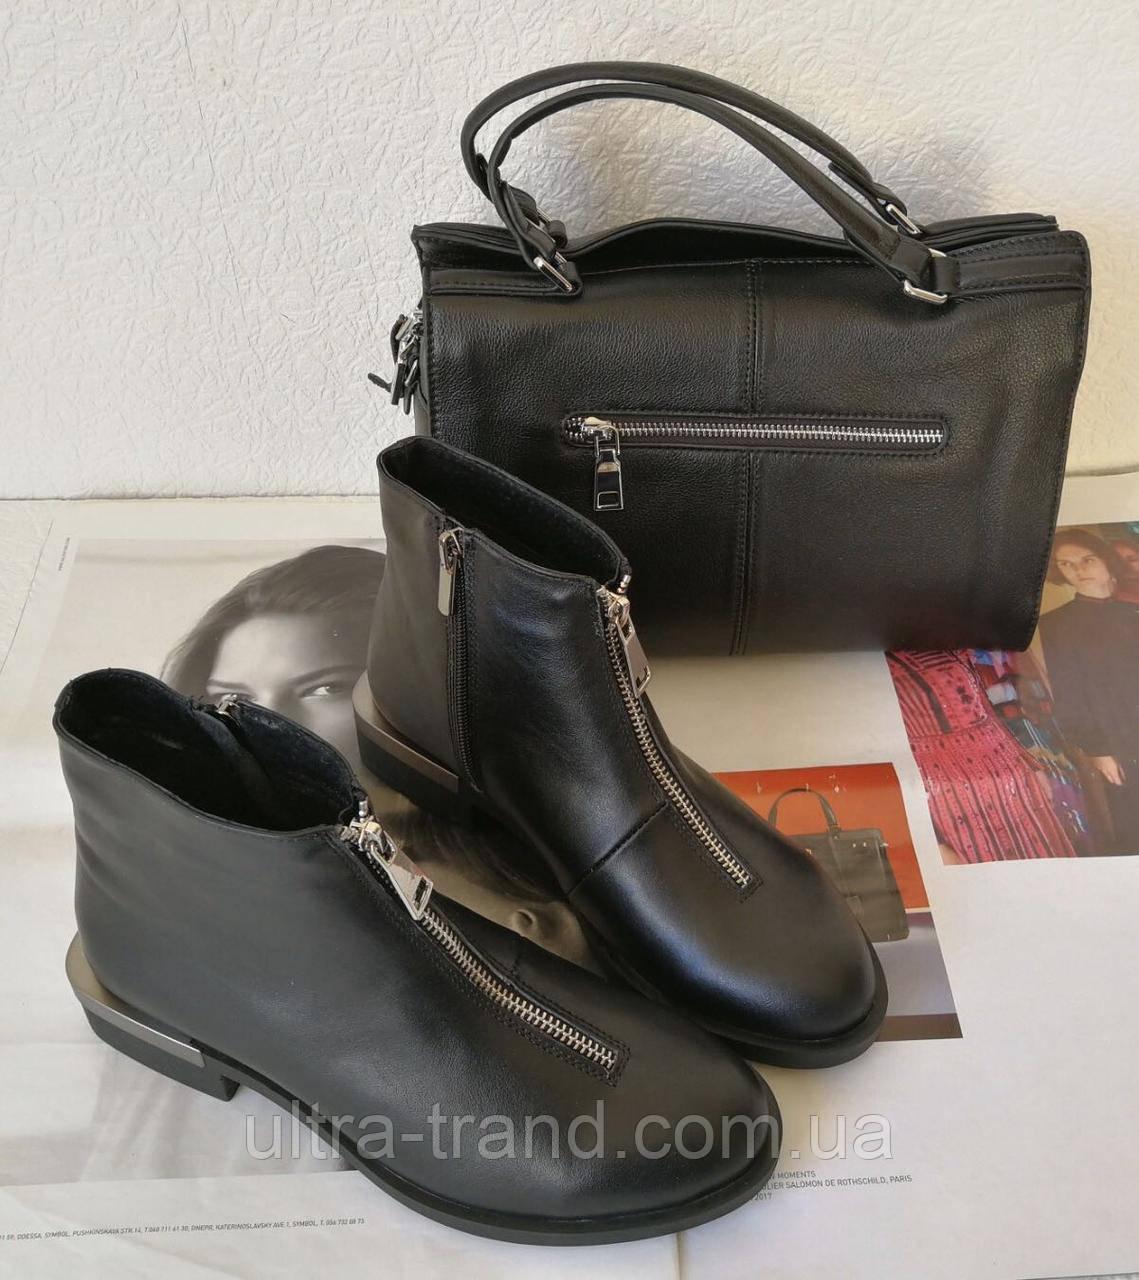 Ferragamo стильные женские демисезонные ботинки натуральная кожа змейка впереди маленький квадратный каблук